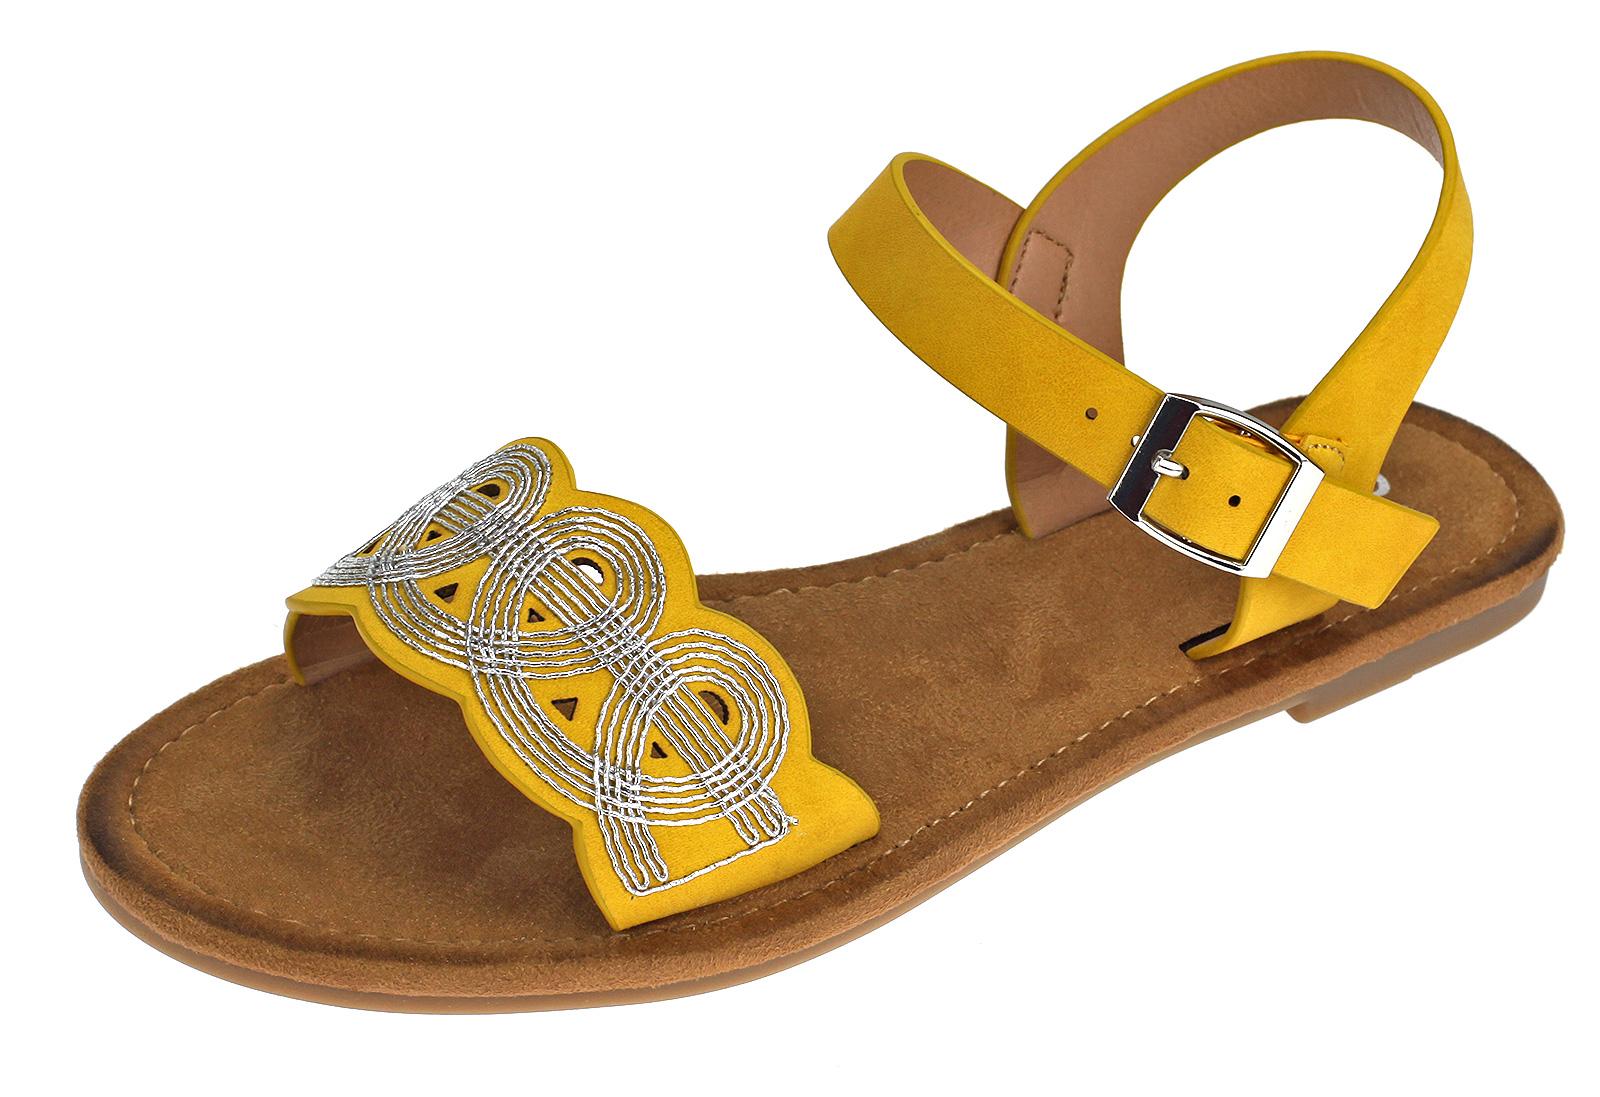 Rieker Damen Sandalen Sandaletten Riemchen Flach Sommerschuhe Gelb Schwarz V7556 gelb